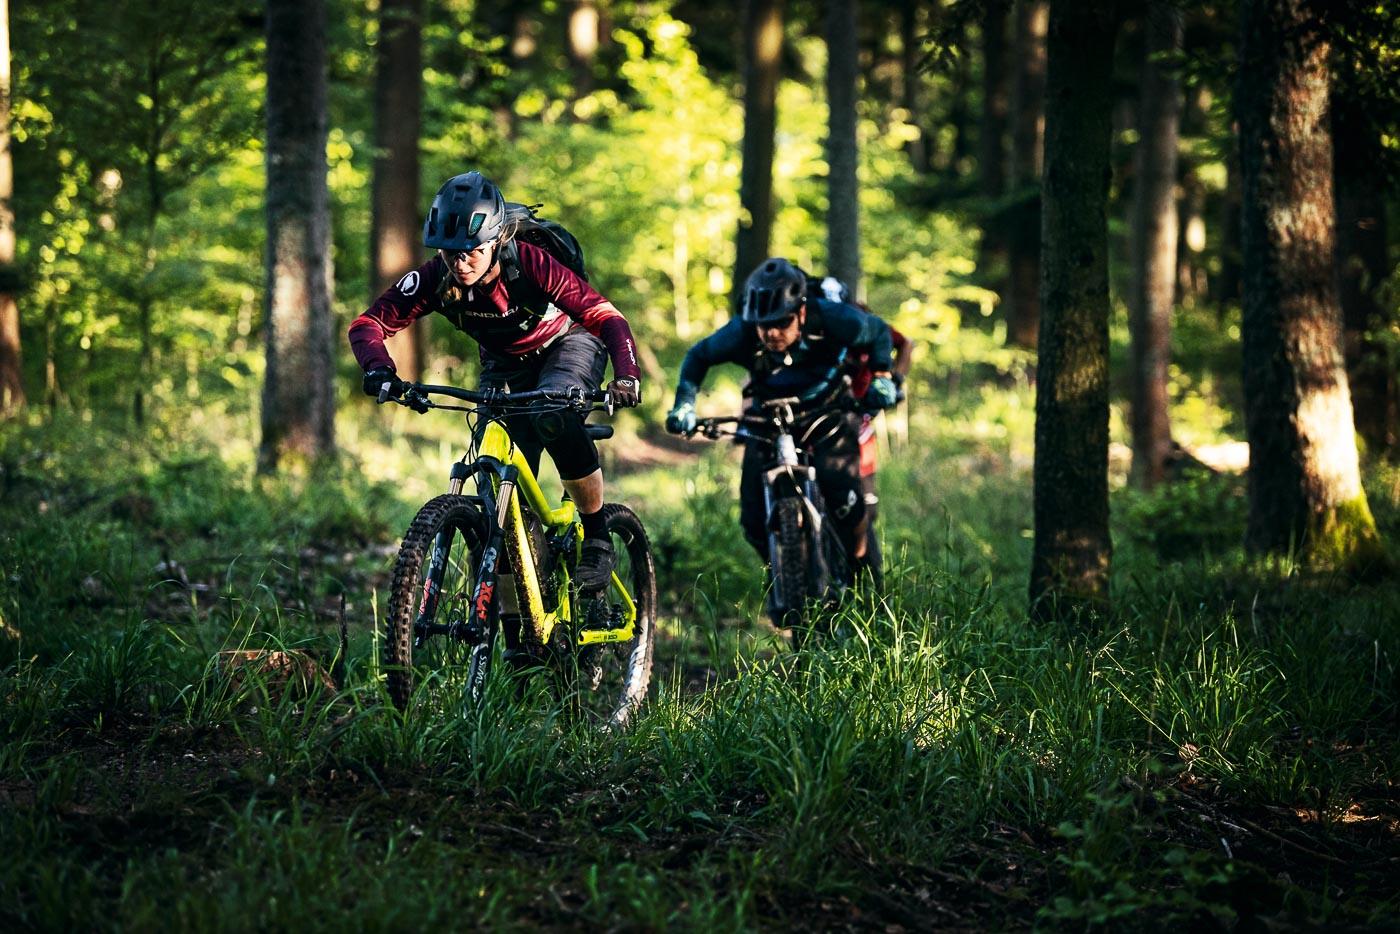 nuovo motore bosch performance line cx 2020 ebike mobe bici elettriche copertina domande e risposte 2